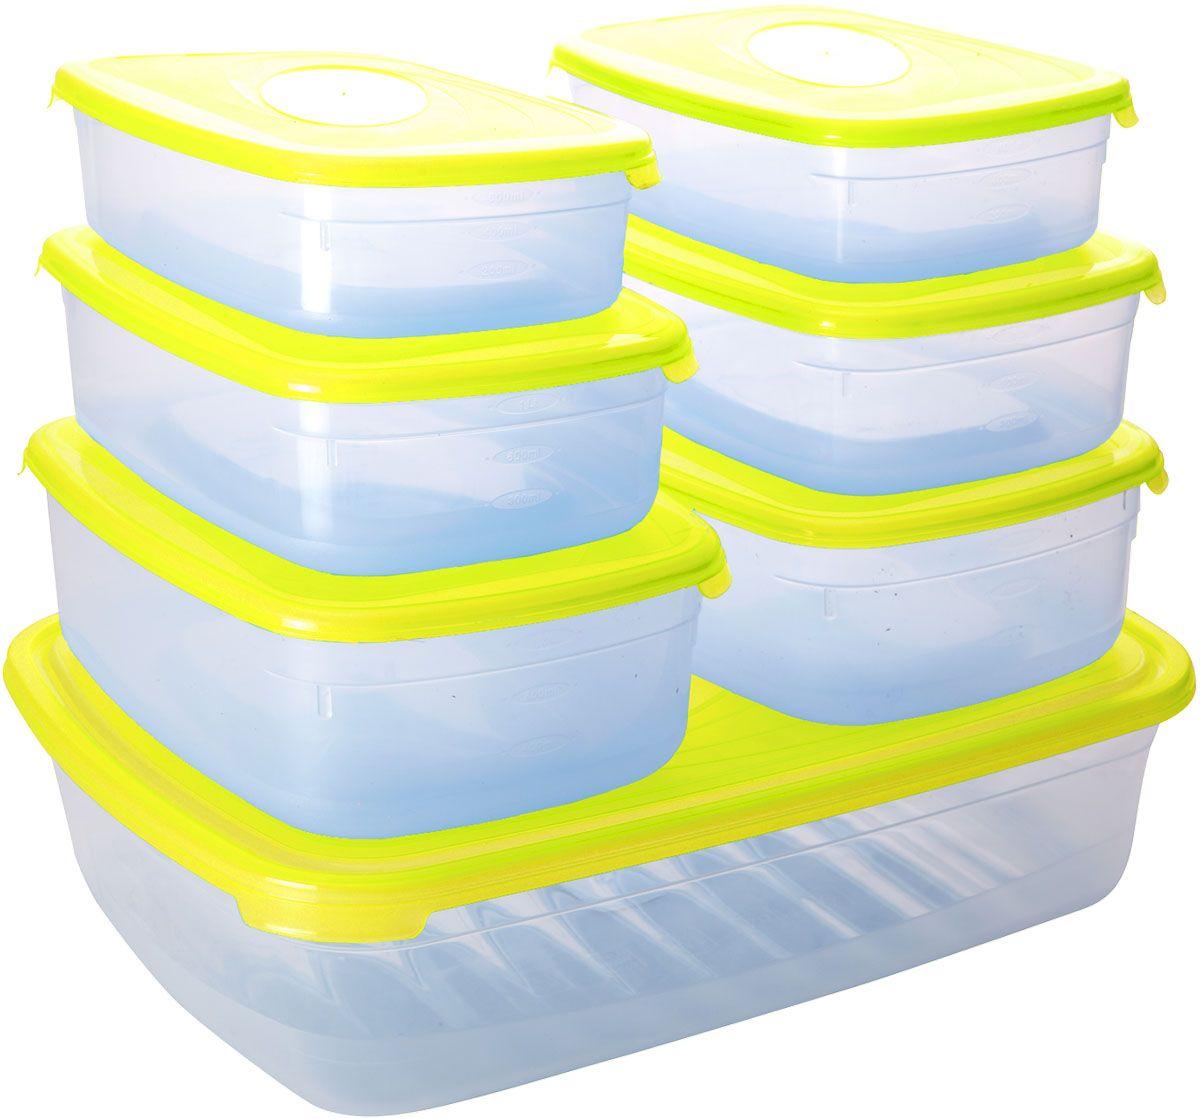 Набор контейнеров для СВЧ Plastic Centre Galaxy, 7 шт4630003364517Набор Plastic Centre Galaxy состоит из семи прямоугольных контейнеров для СВЧ, изготовленных из высококачественного полипропилена, который выдерживает температуру от -40°С до +110°С. Стенки емкостей прозрачные. Контейнеры оснащены цветными крышками, которые плотно закрываются, поэтому продукты остаются дольше свежими и вкусными. Емкости удобно брать с собой на работу, учебу, пикник или просто использовать для хранения пищи в холодильнике. Можно использовать в микроволновой печи. Можно мыть в посудомоечной машине.Размер контейнера на 0,75 л (без учета крышки): 18,5 х 12 х 4,5 см.Размер контейнера на 1,2 л (без учета крышки): 20,5 х 13 х 5,5 см.Размер контейнера на 1,6 л (без учета крышки): 22 х 15 х 7 см.Размер контейнера на 4,75 л (без учета крышки): 33 х 24,5 х 8,5 см.